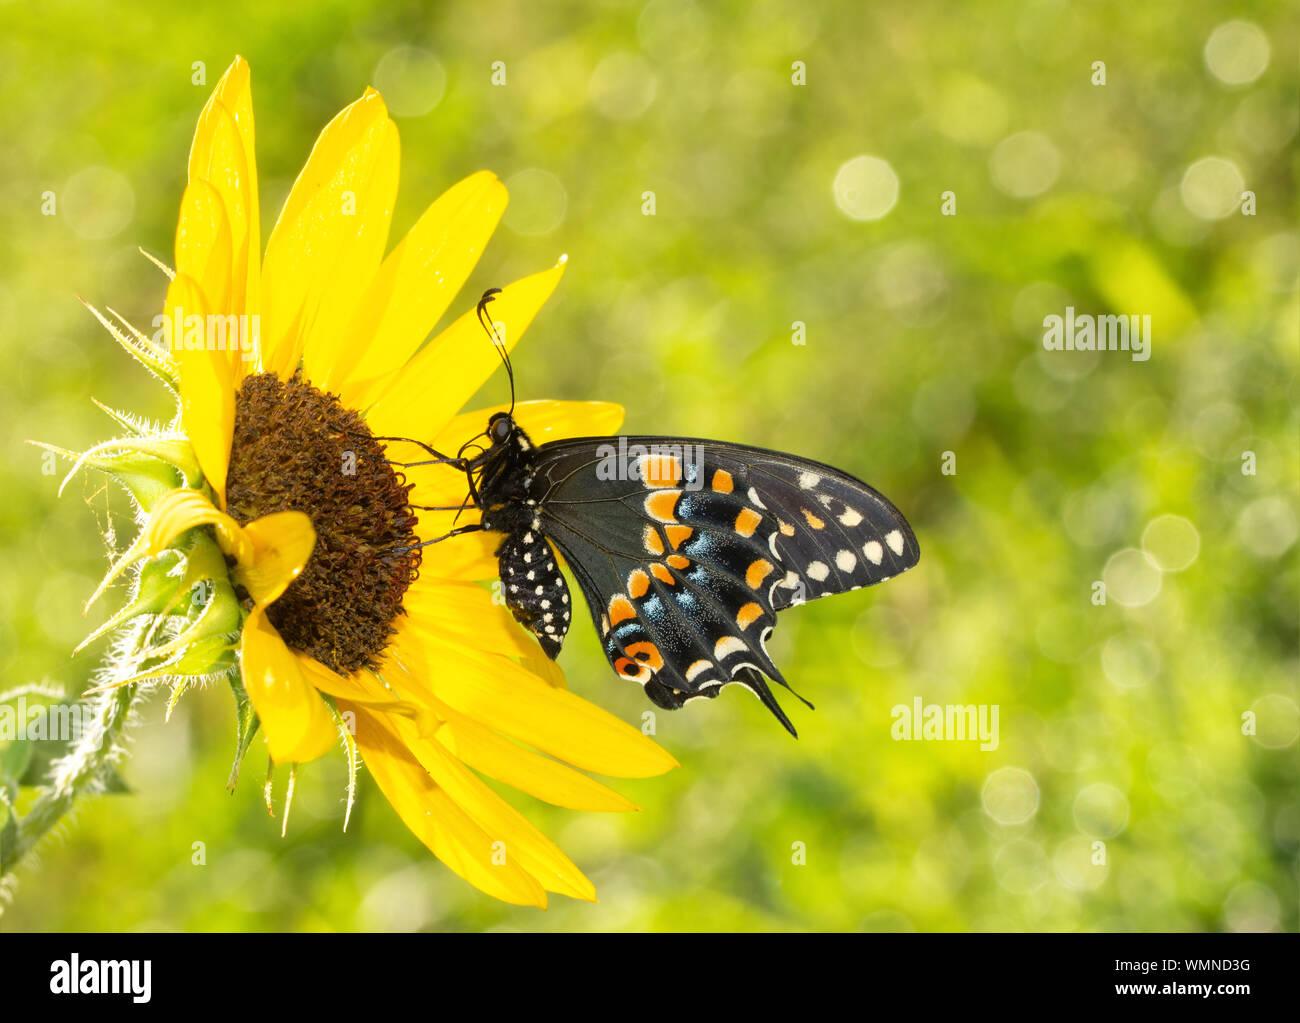 Vue ventrale d'une belle black swallowtail butterfly sur un tournesol au soleil du matin Banque D'Images